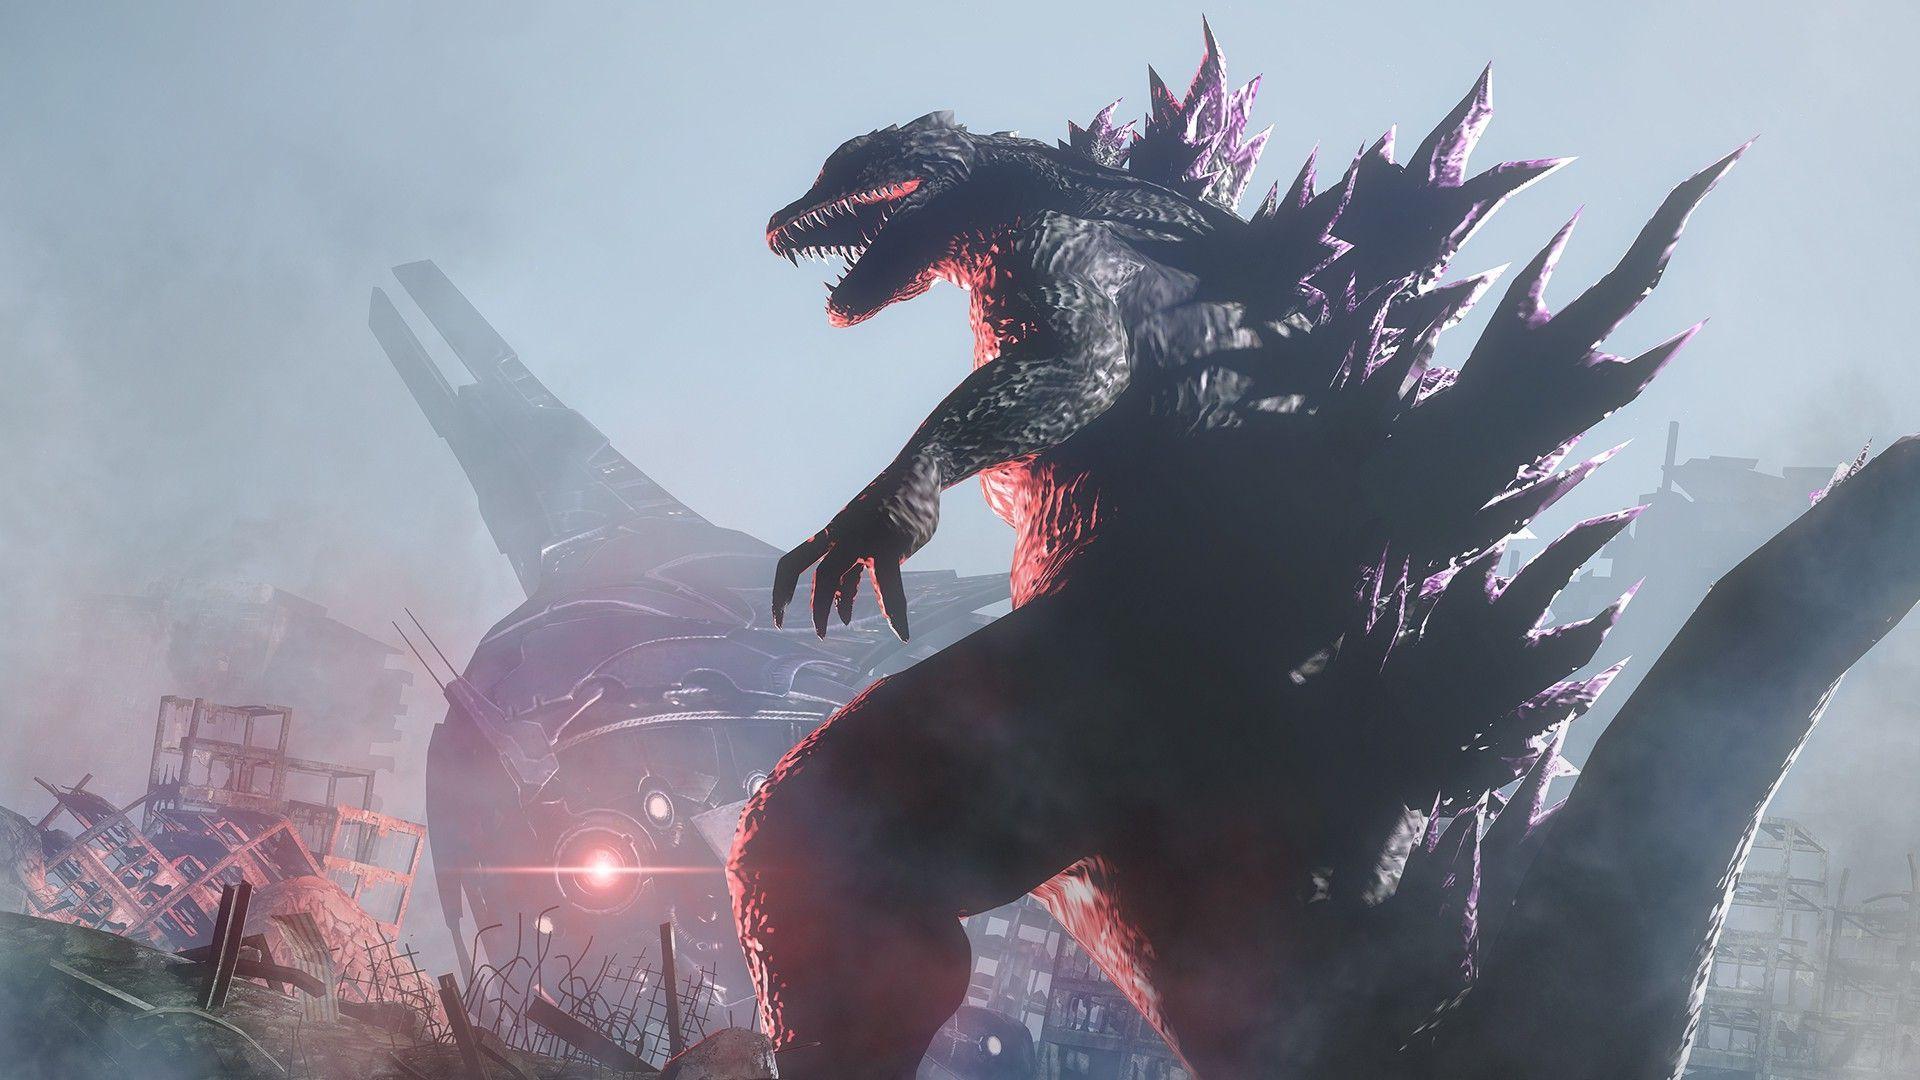 Godzilla 2014 Wallpaper 1920x1080 Godzilla 1920x1080 1920x1080